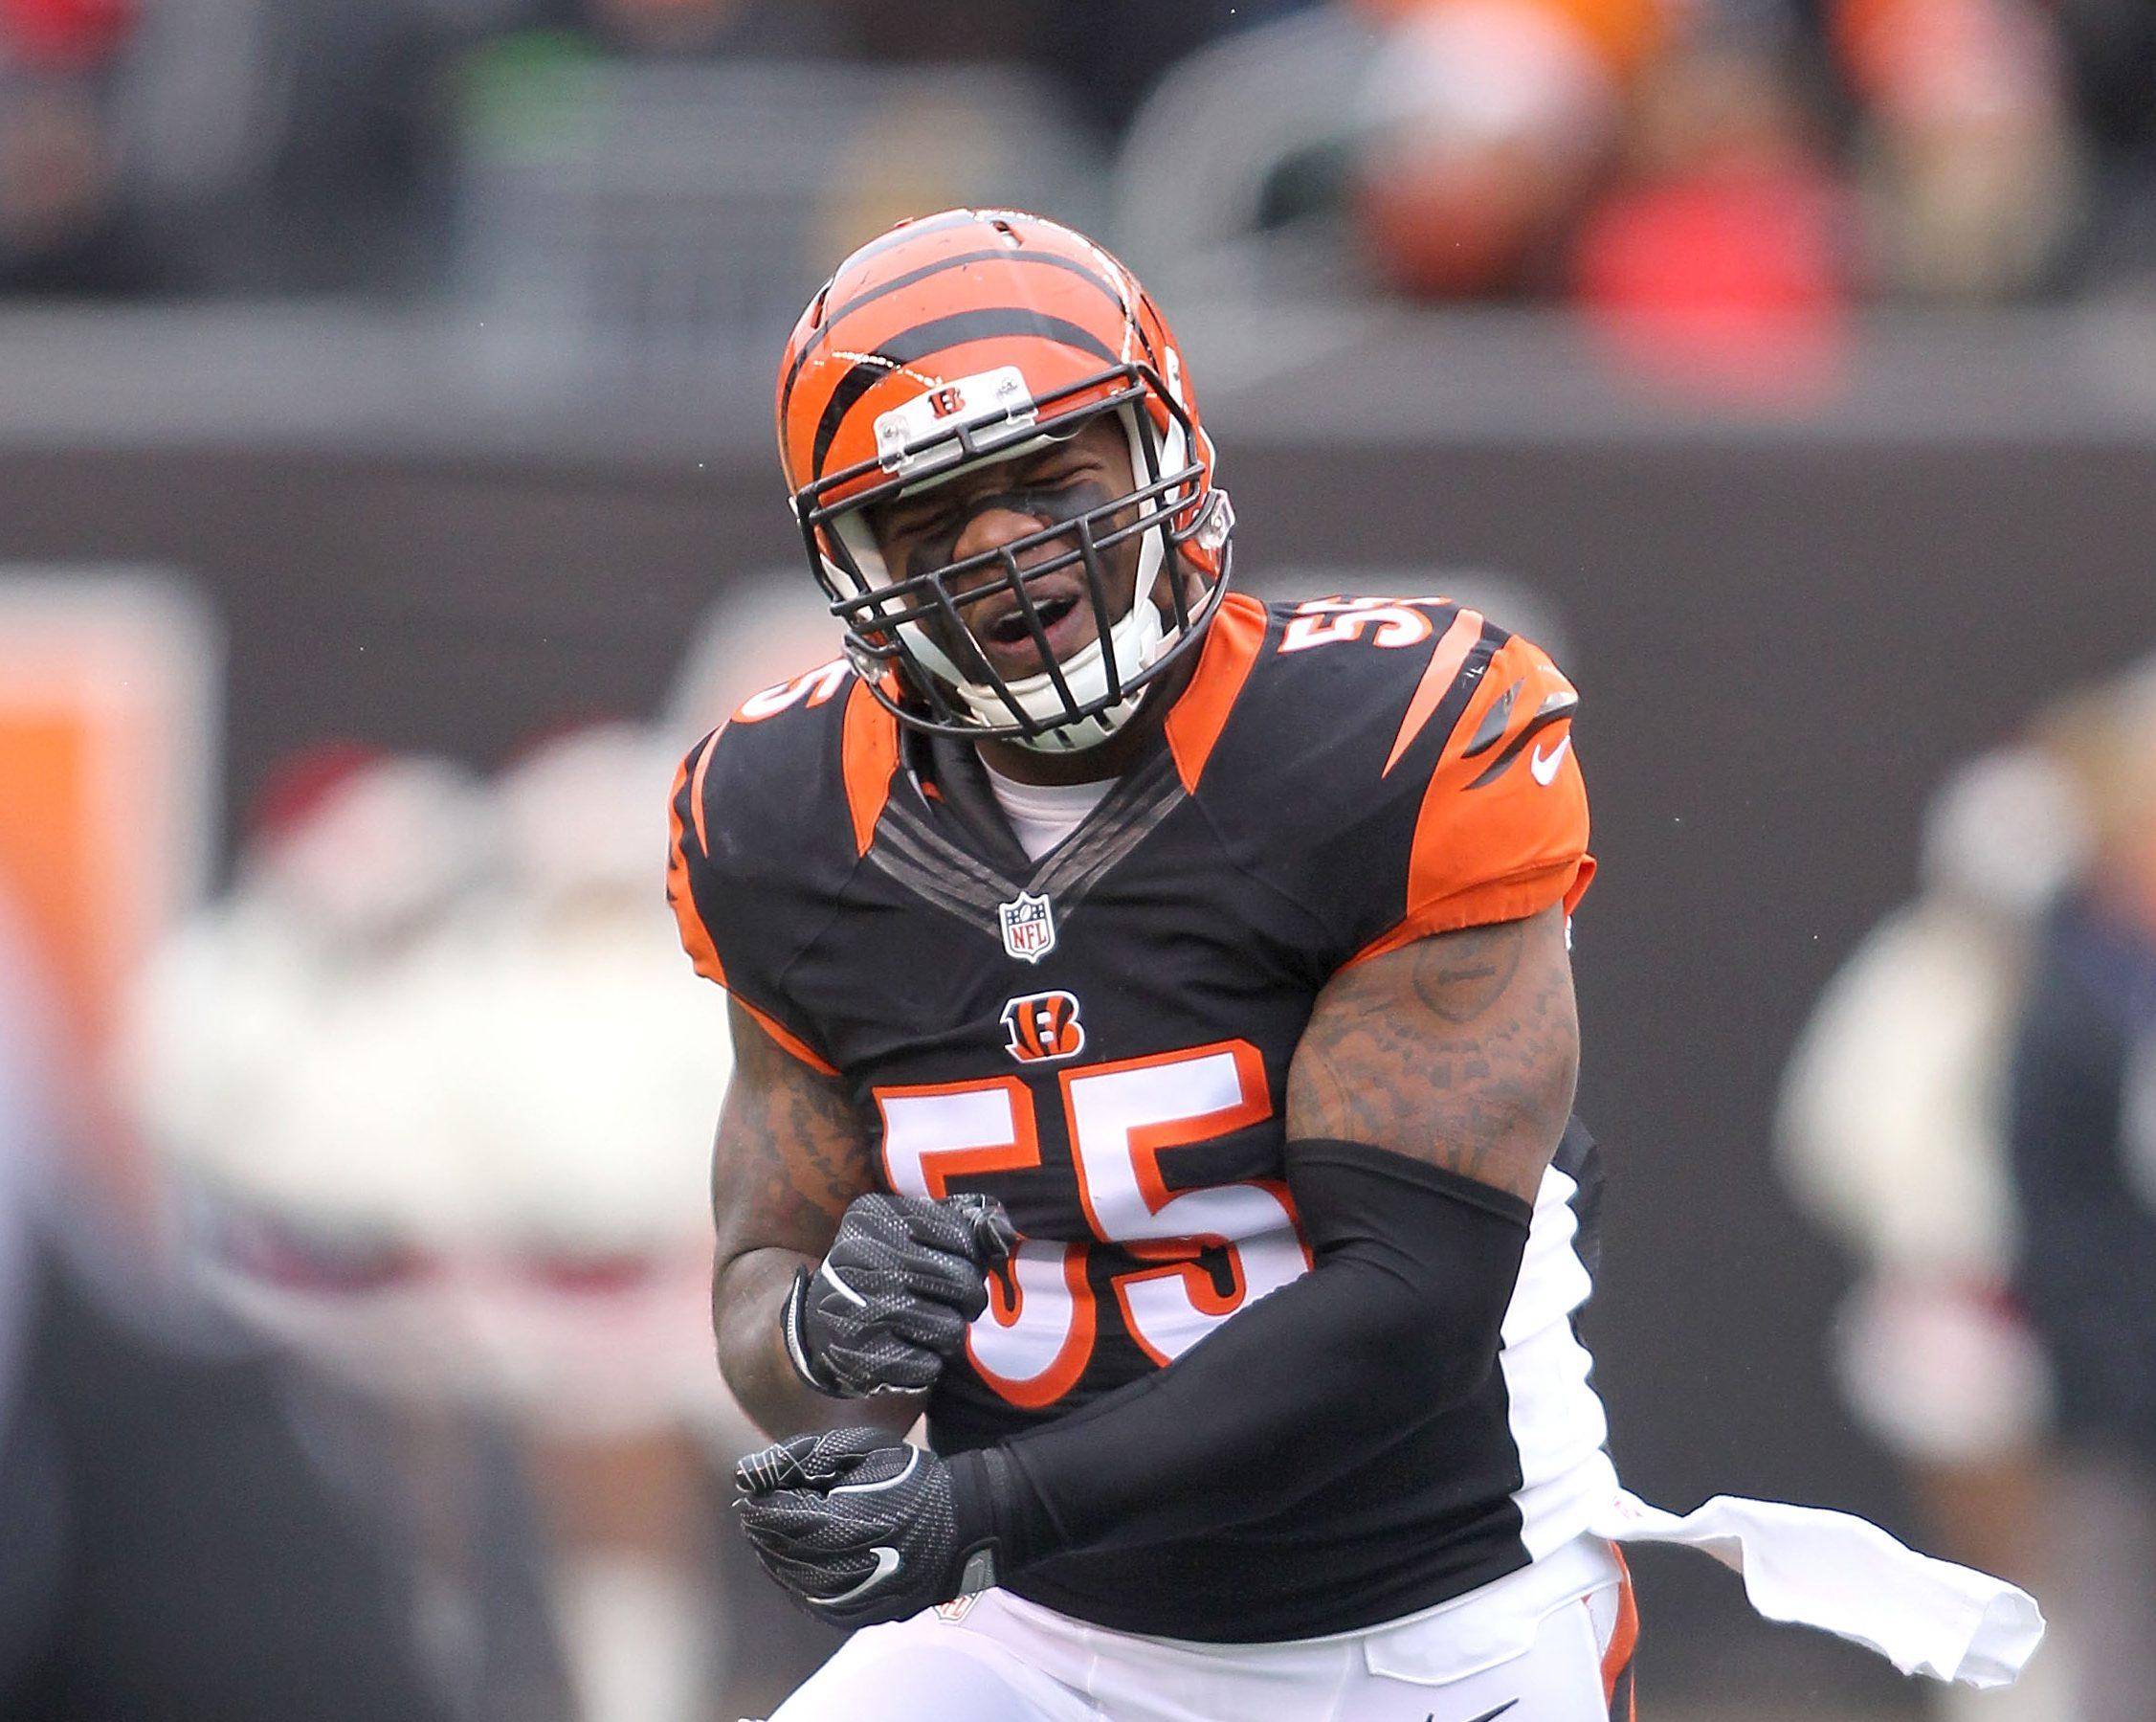 Bengals release veteran linebacker Vontaze Burfict